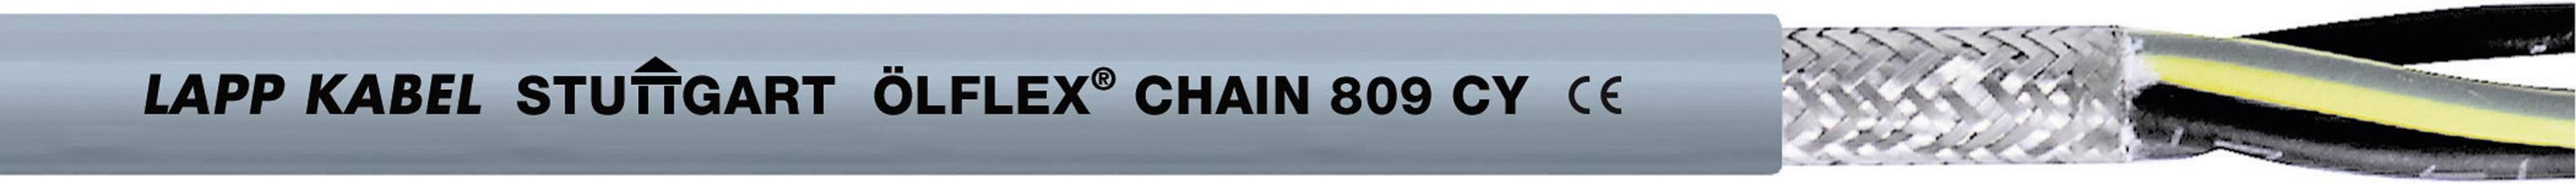 Žíla kabelu LappKabel ÖLFLEX CHAIN 809 CY 7G0,5 (1026755), 7x 0,5 mm², PVC, Ø 8,5 mm, stíněný, 100 m, šedá